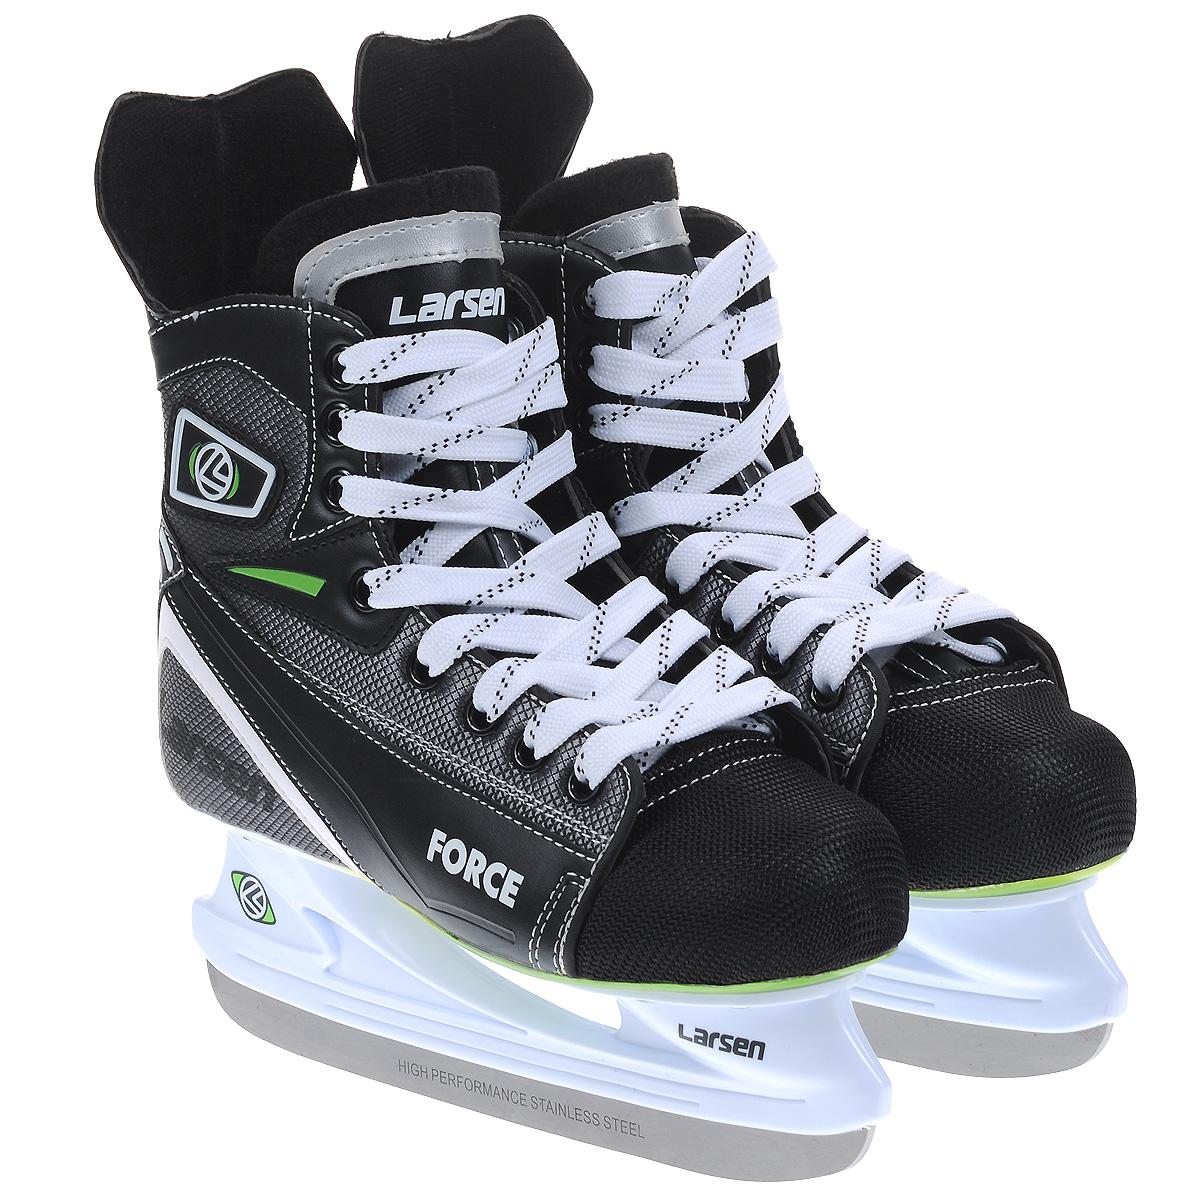 Коньки хоккейные Larsen Force, цвет: черный, серый. Размер 43ForceХоккейные коньки Force от Larsen прекрасно подойдут для начинающих игроков в хоккей. Ботинок выполнен из морозоустойчивого поливинилхлорида, мыс - из полипропилена, который защитит ноги от ударов, покрытого сетчатым нейлоном плотностью 800D. Внутренний слой изготовлен из мягкого материала Cambrelle, который обеспечит тепло и комфорт во время катания, язычок войлочный. Поролоновый утеплитель не позволит вашим ногам замерзнуть. Плотная шнуровка надежно фиксирует модель на ноге. Удобный суппорт голеностопа.Стелька из материала EVA обеспечит комфортное катание.Стойка выполнена из ударопрочного пластика. Лезвие из высокоуглеродистой стали жесткостью HRC 50-52 обеспечит превосходное скольжение.